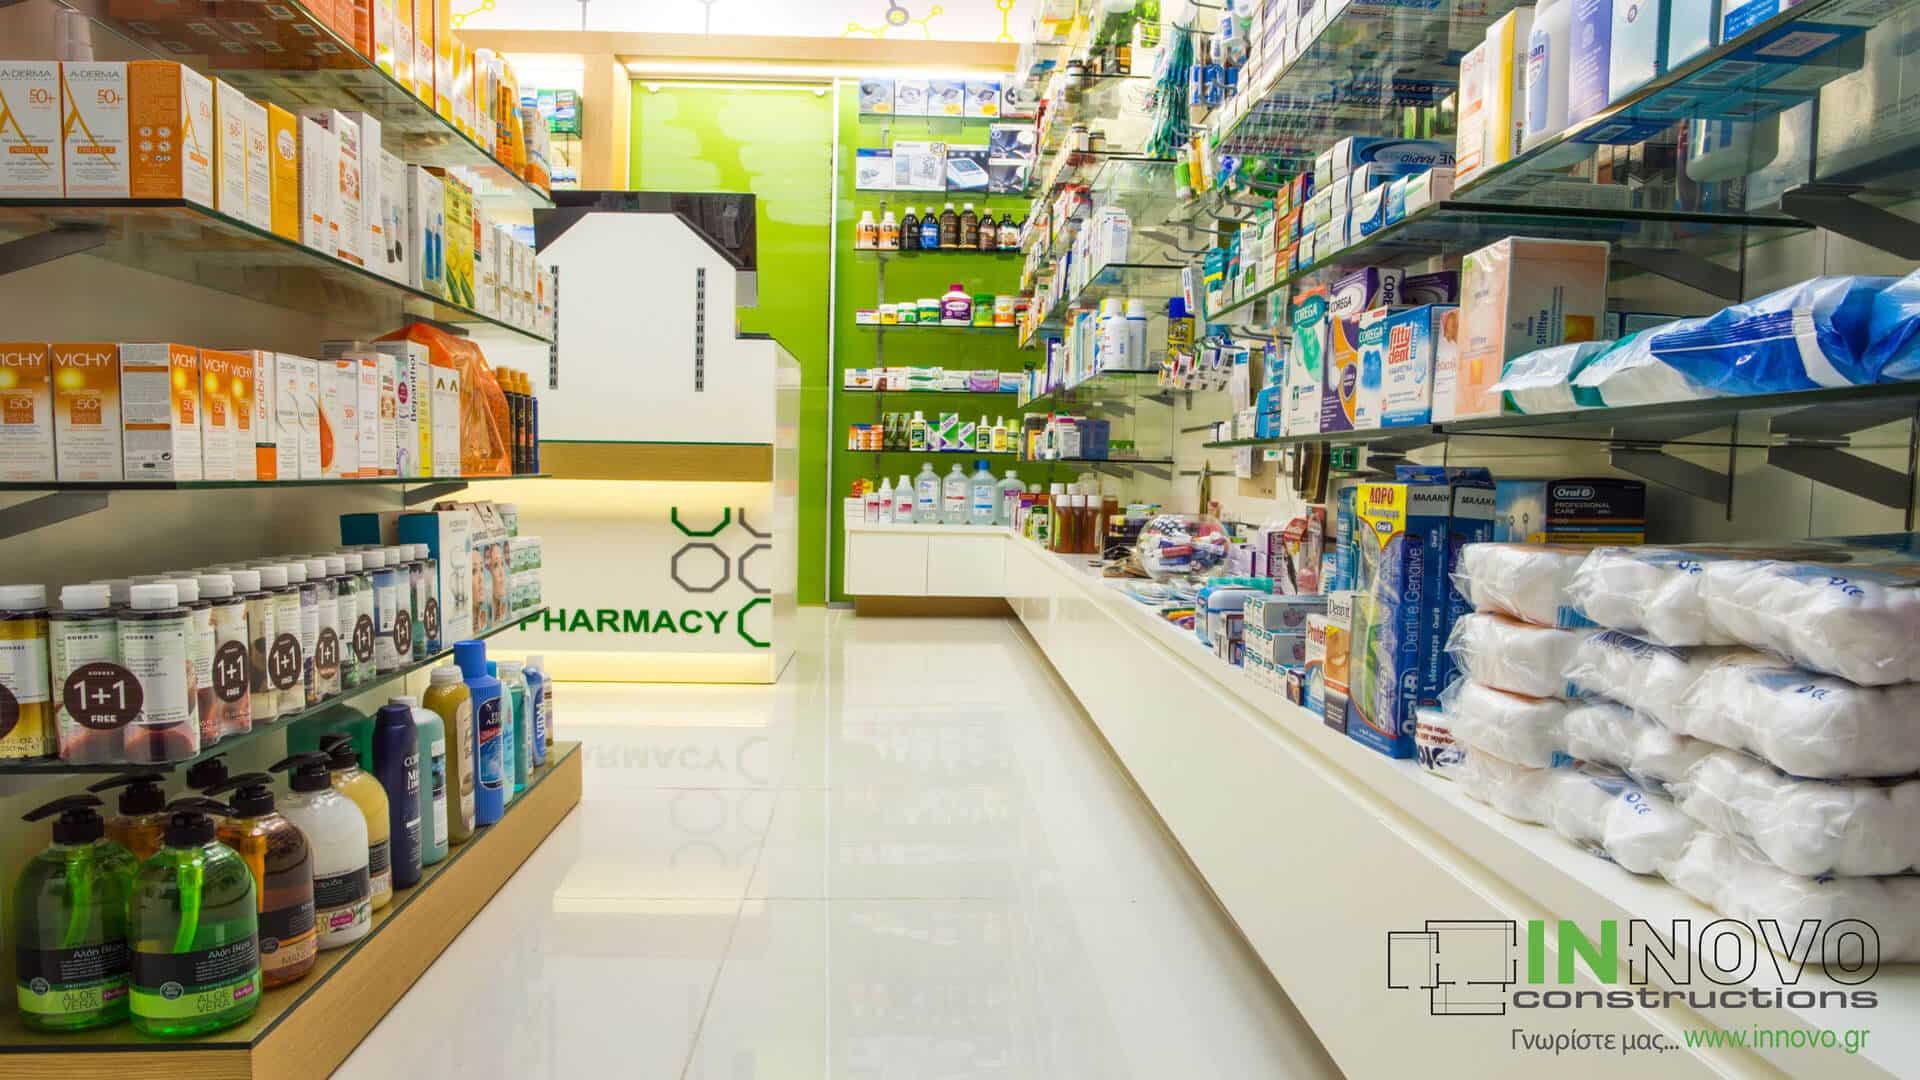 Ανακαινίσεις κατασκευές φαρμακείων Γλυφάδα